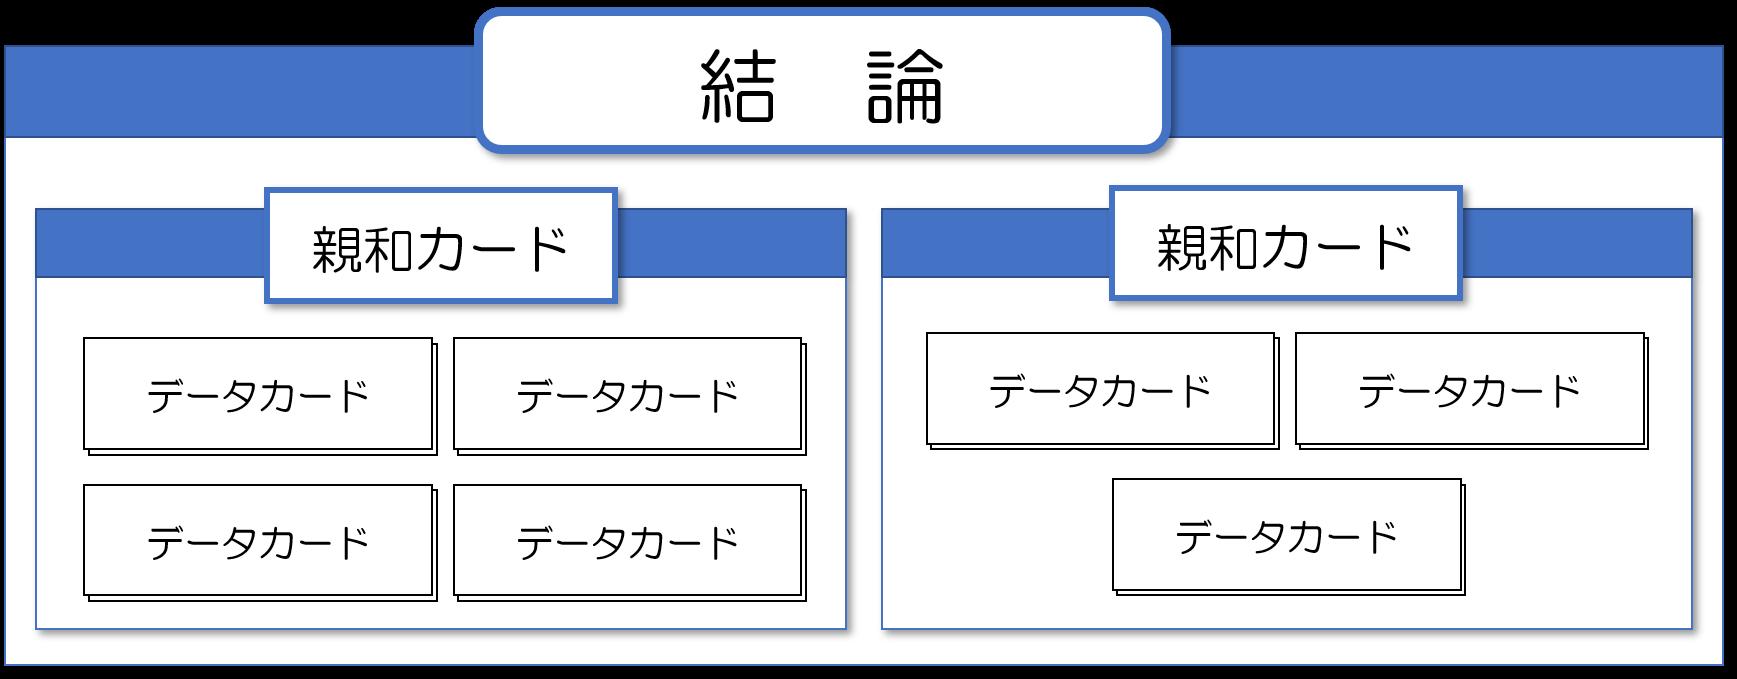 新QC7つ道具①親和図法とは?読み方や進め方をわかりやすく解説